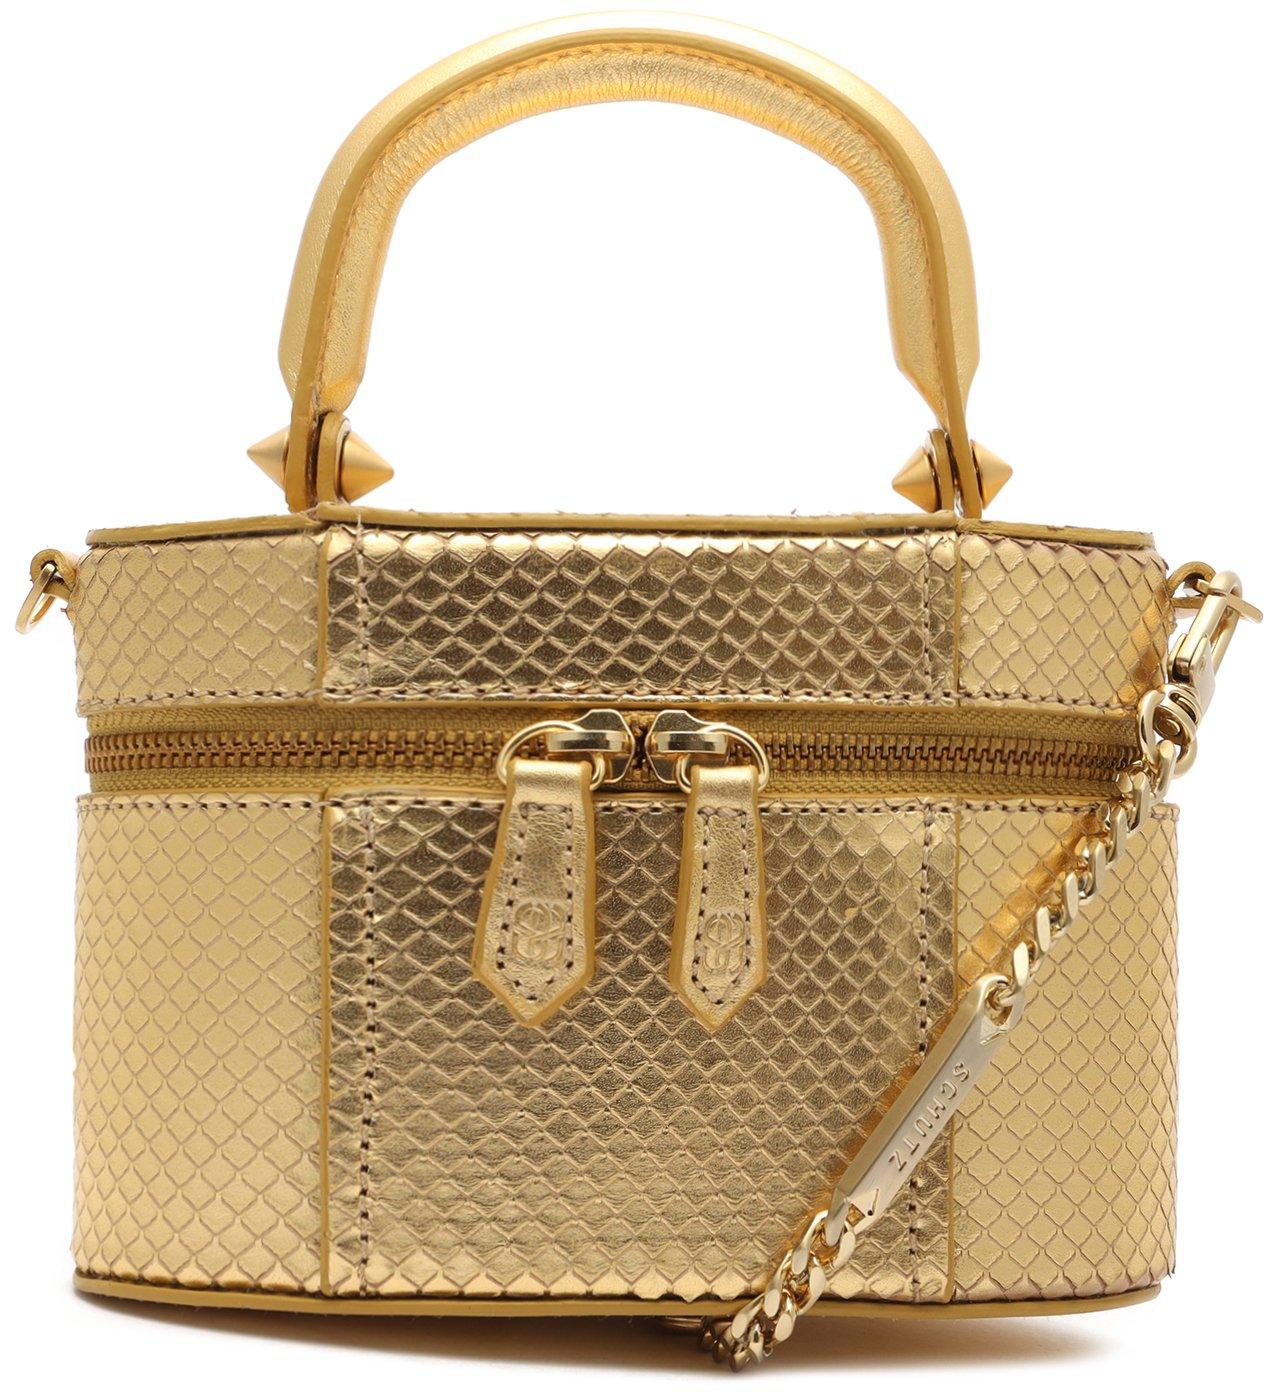 Bolsa Tiracolo Vanity Couro Dourada | Schutz